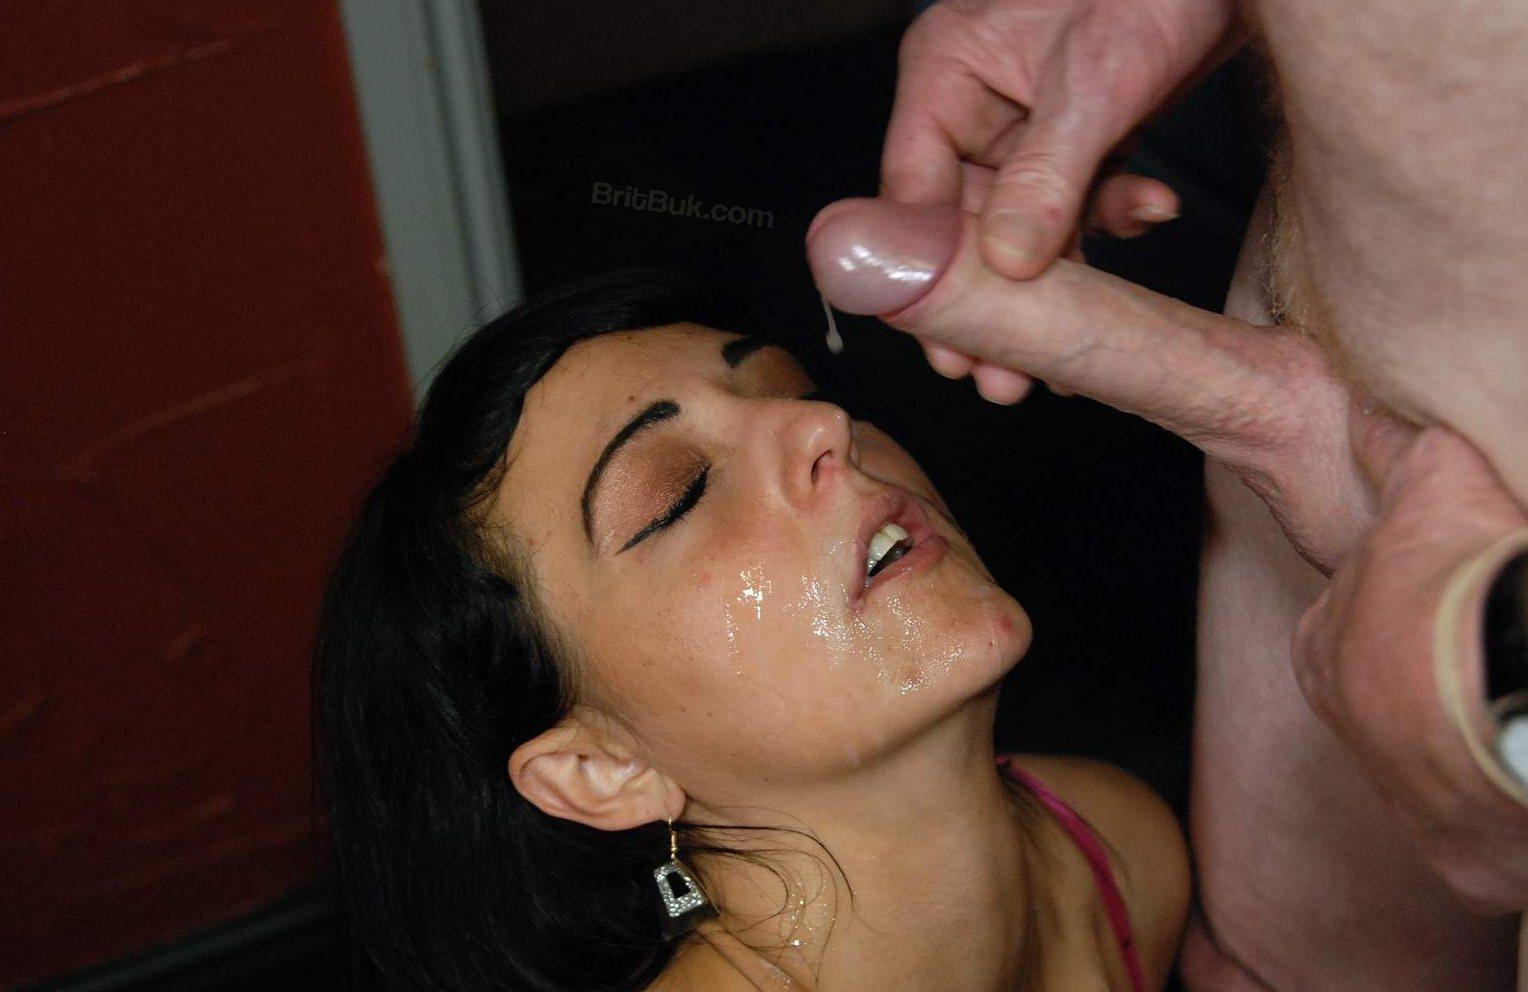 afu035 Aaliyah Banukkake Aaliya Banu Bukkake Party, A Desi Blowbang!, Amateur British Bukkake